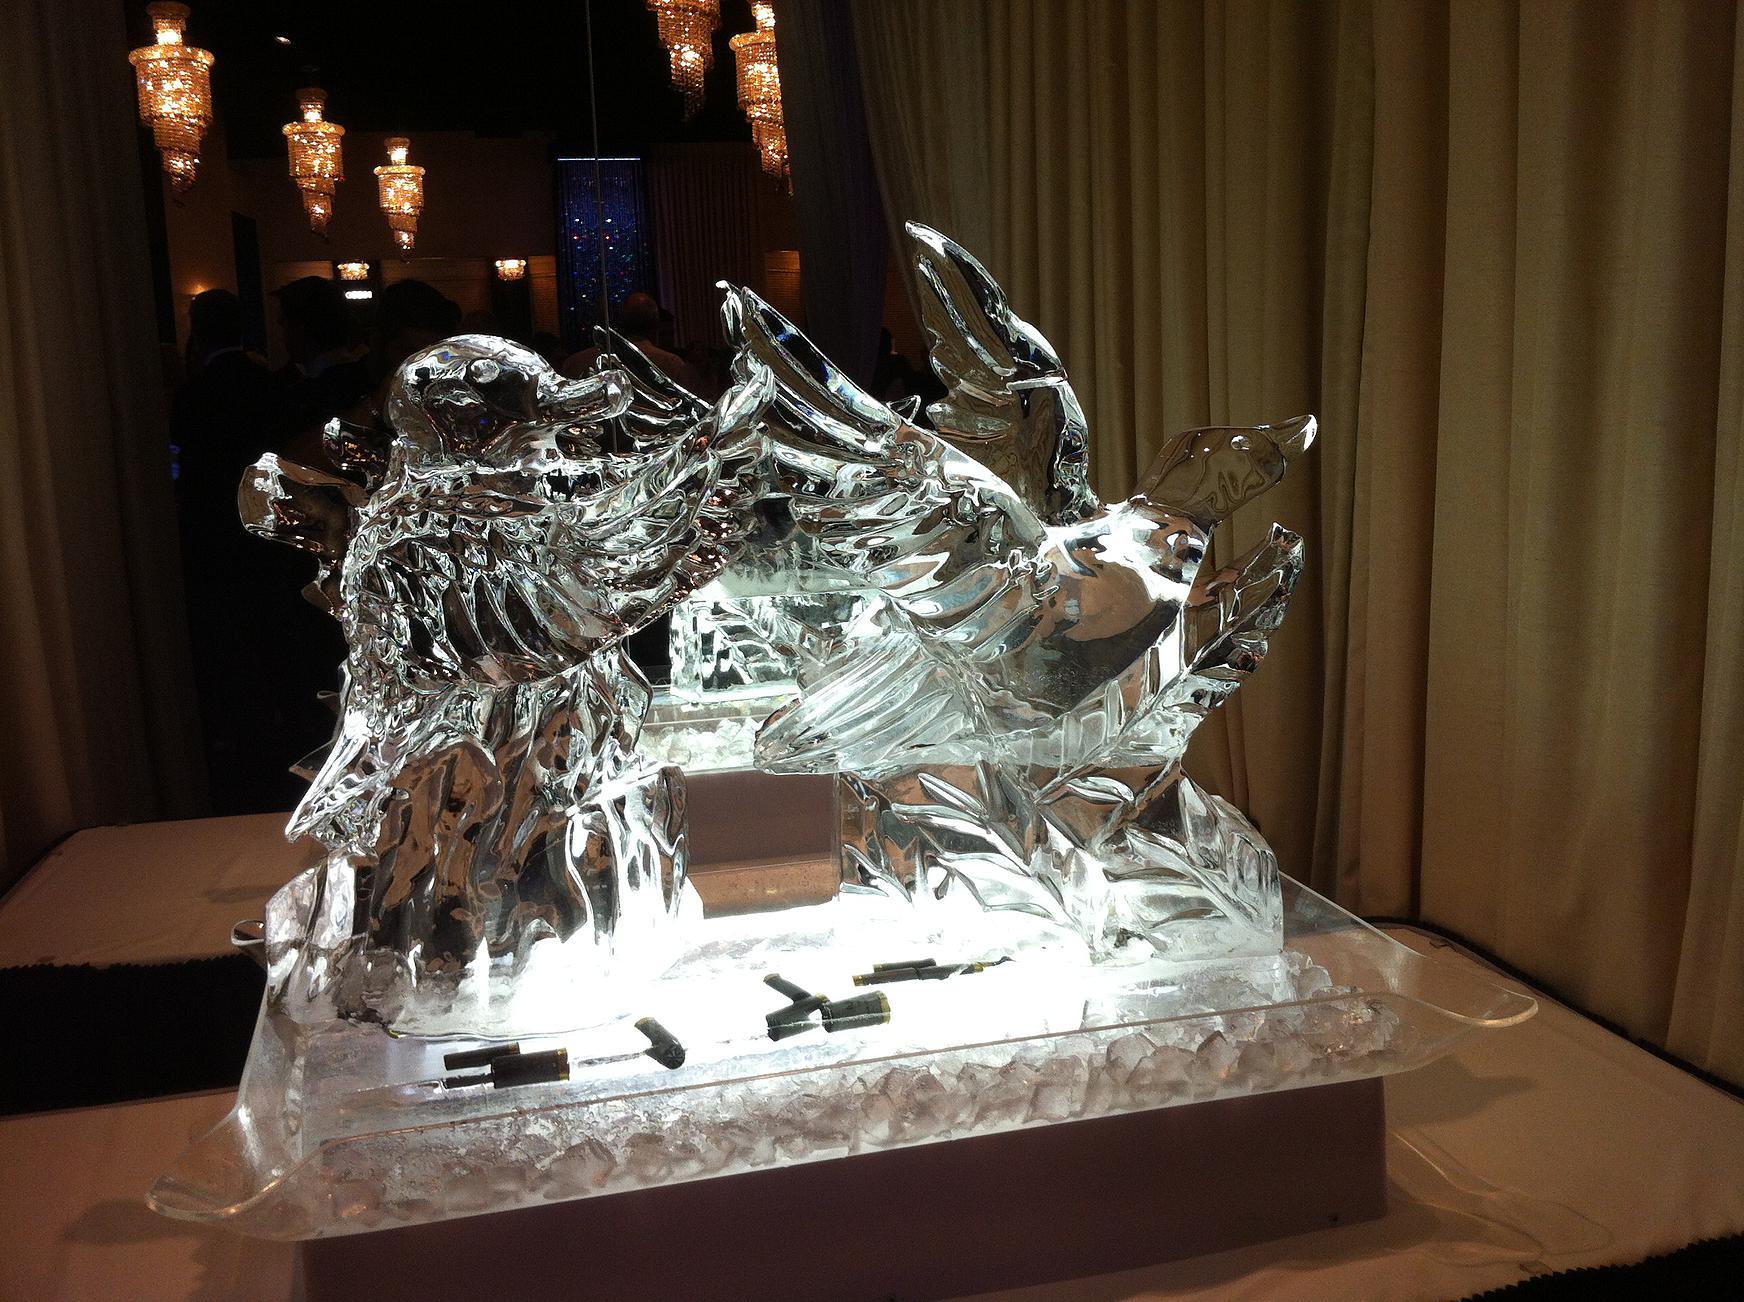 Ducks ice sculpture